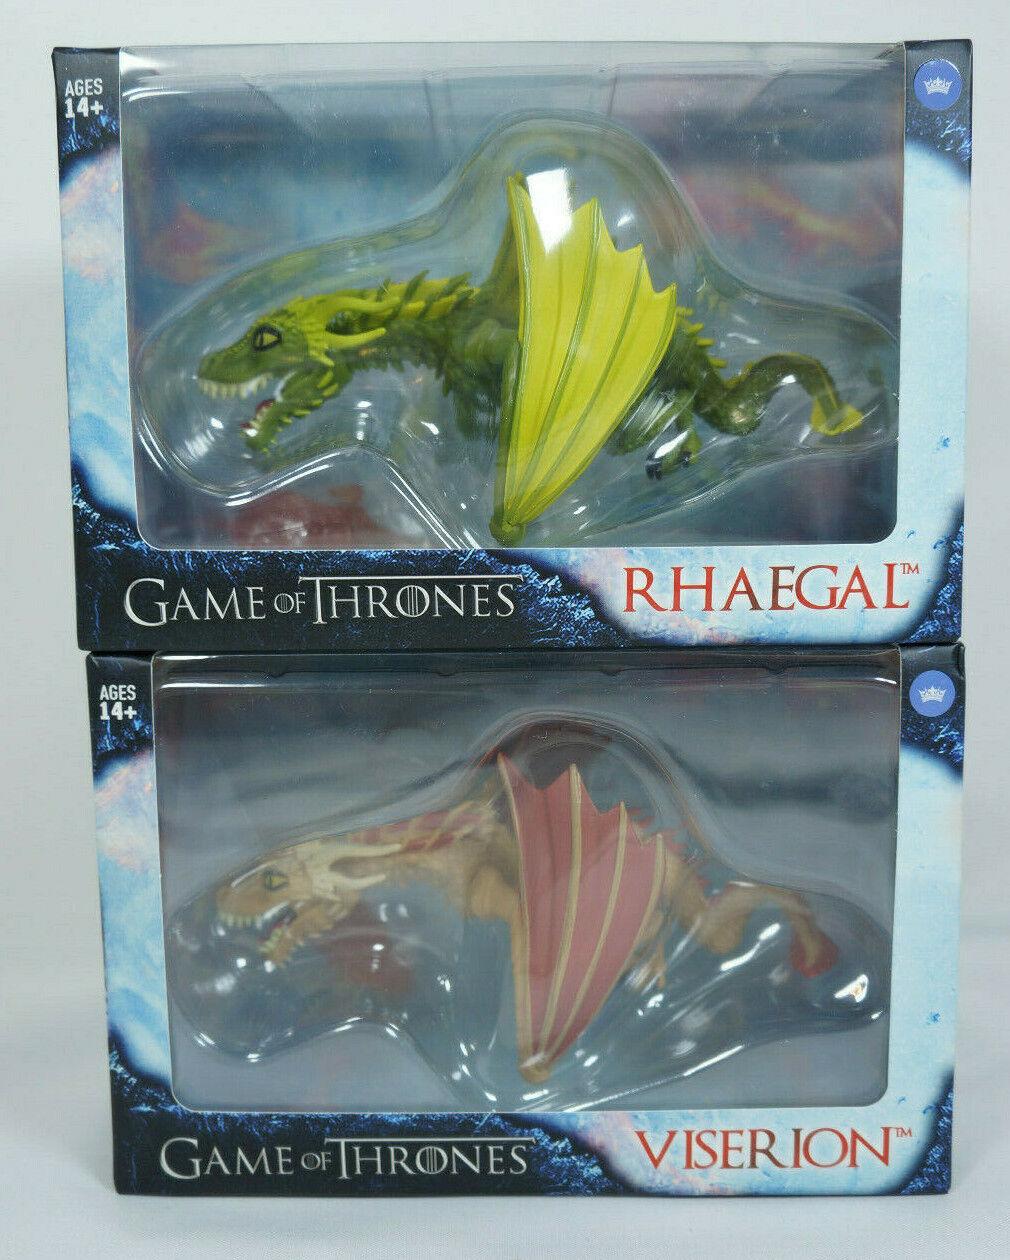 Les fidèles sujets viseron et Rhaegal Game of Thrones GoT édition limitée